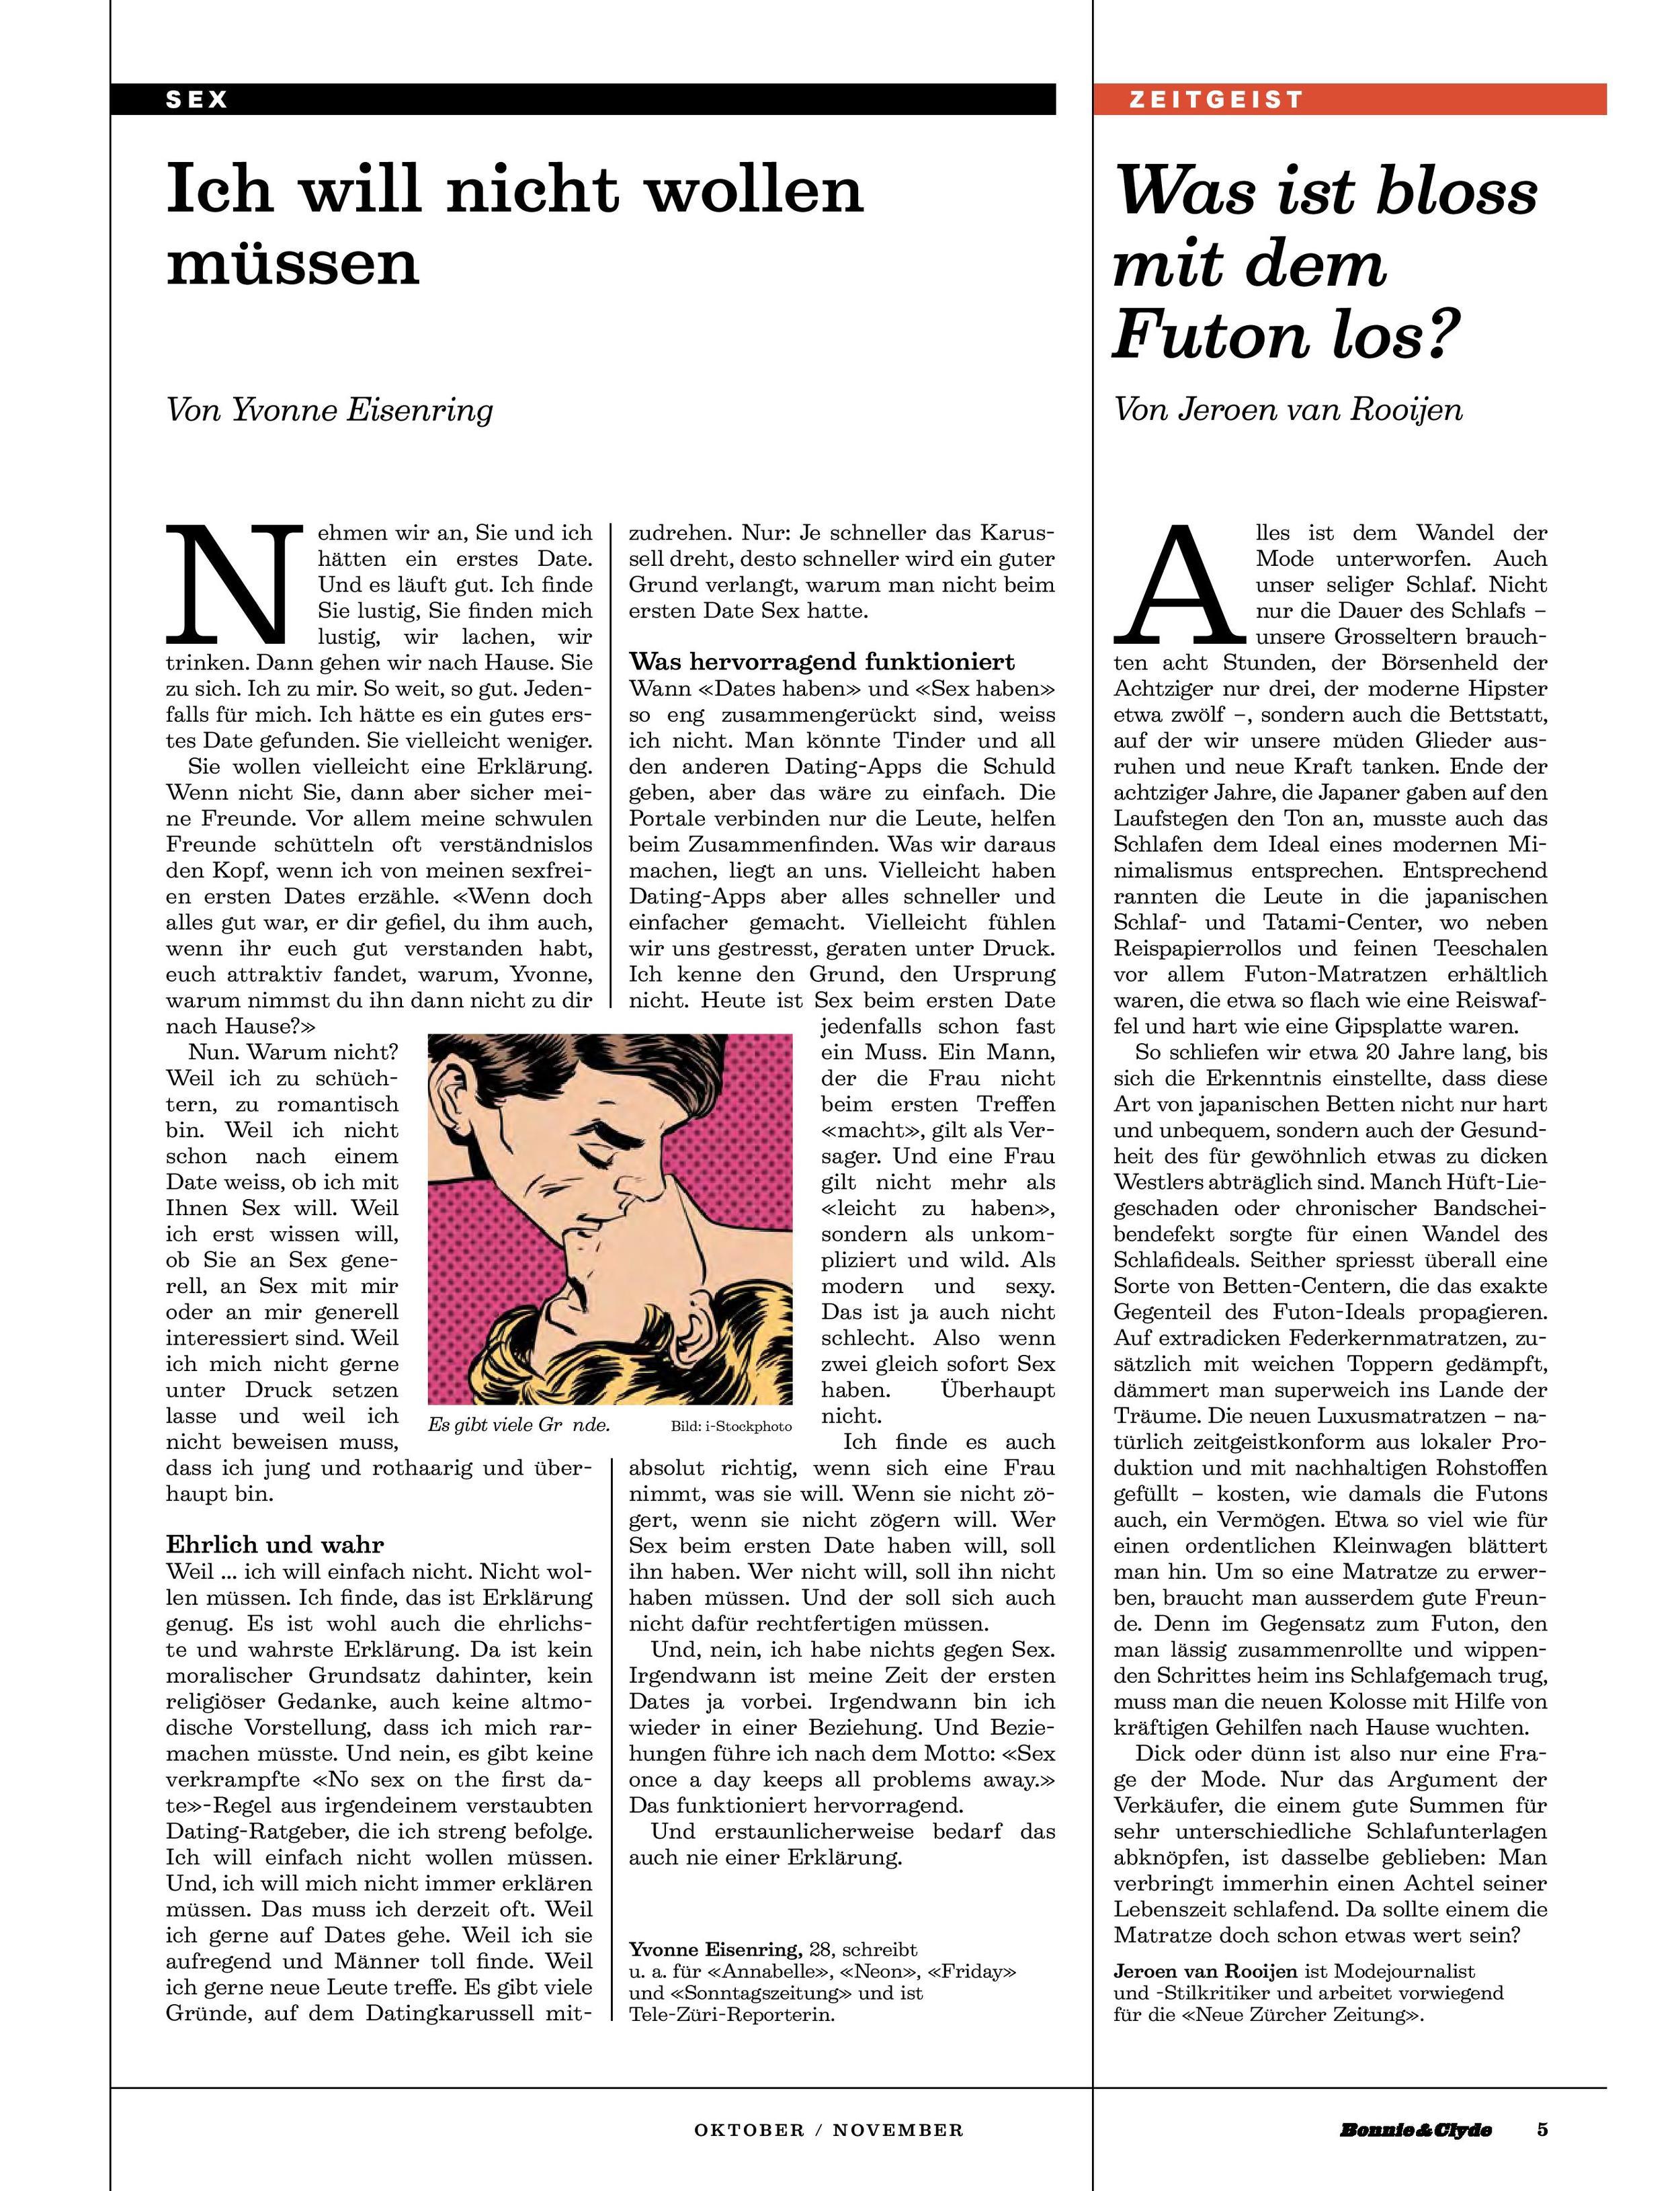 Hier das ganze Magazin bestellen: http://www.bonnie-and-clyde.com/